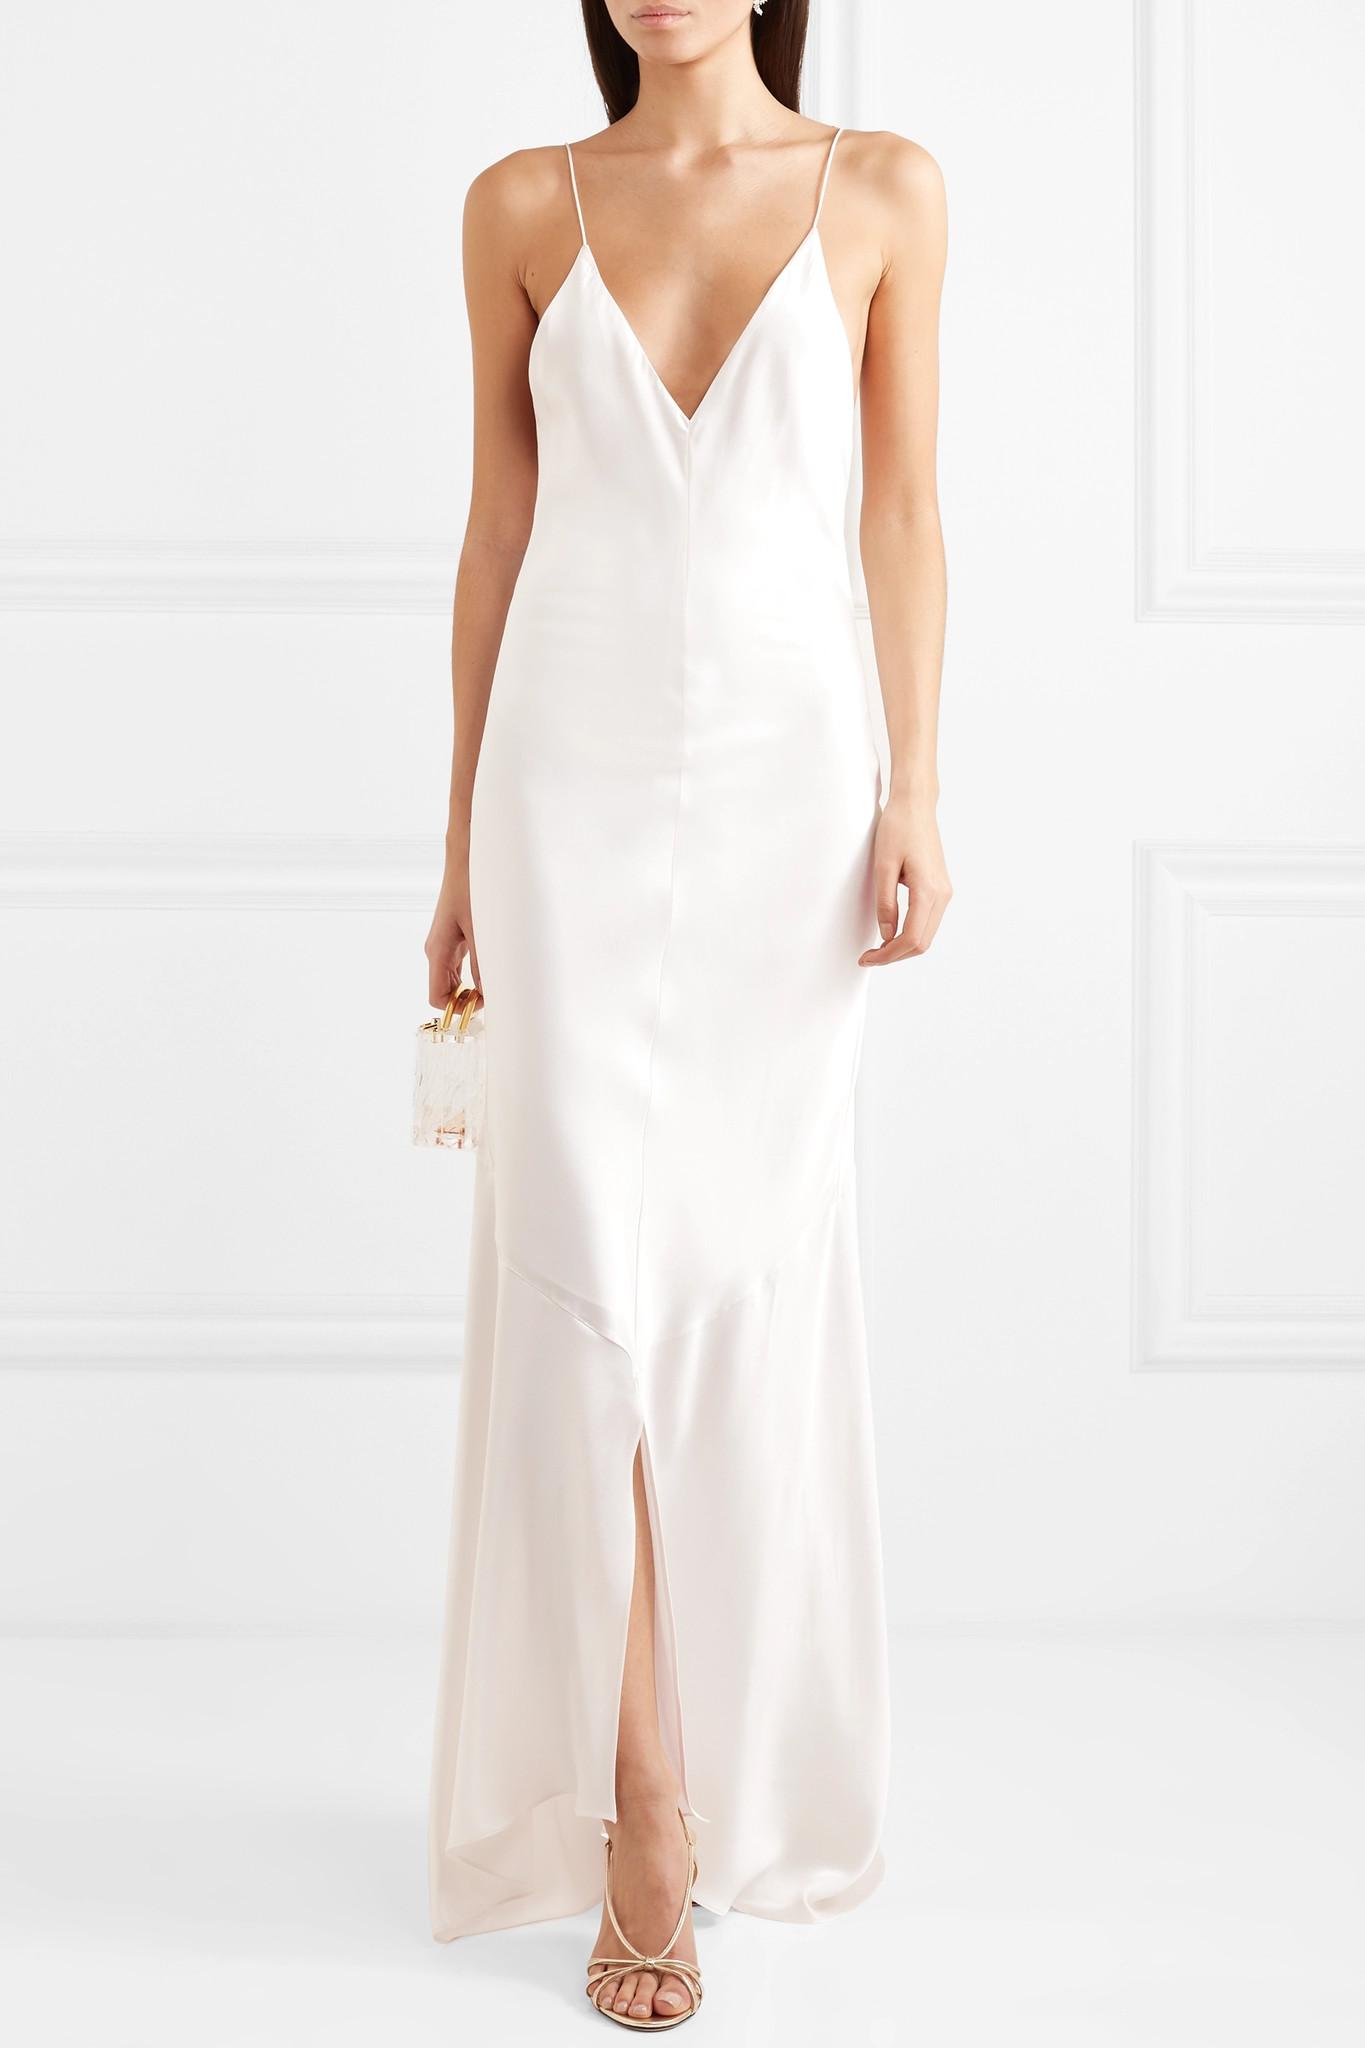 Vestido de novia lencero 2021, vestidos de novia 2021, tendencias para novias 2021, las tendencias en vestidos de novia 2021 - Michael Lo Sordo - Wedding Hub - 01